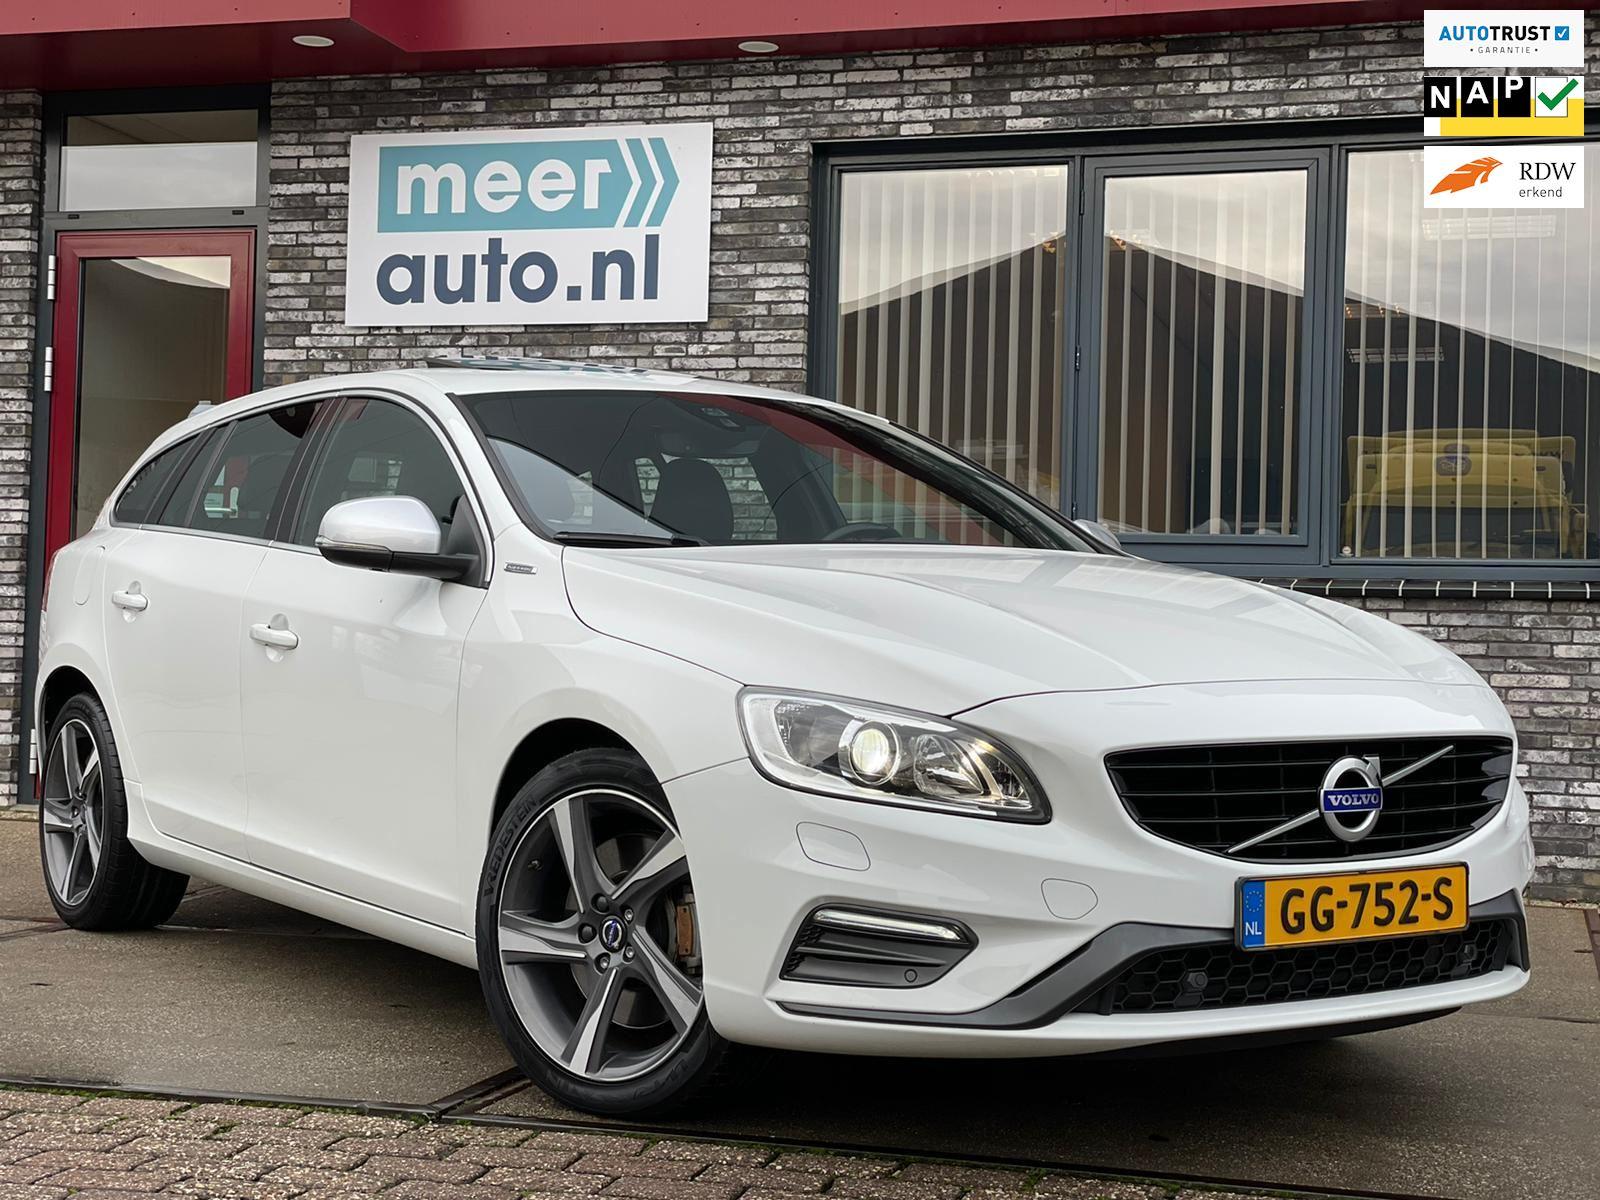 Volvo V60 occasion - Meerauto.nl